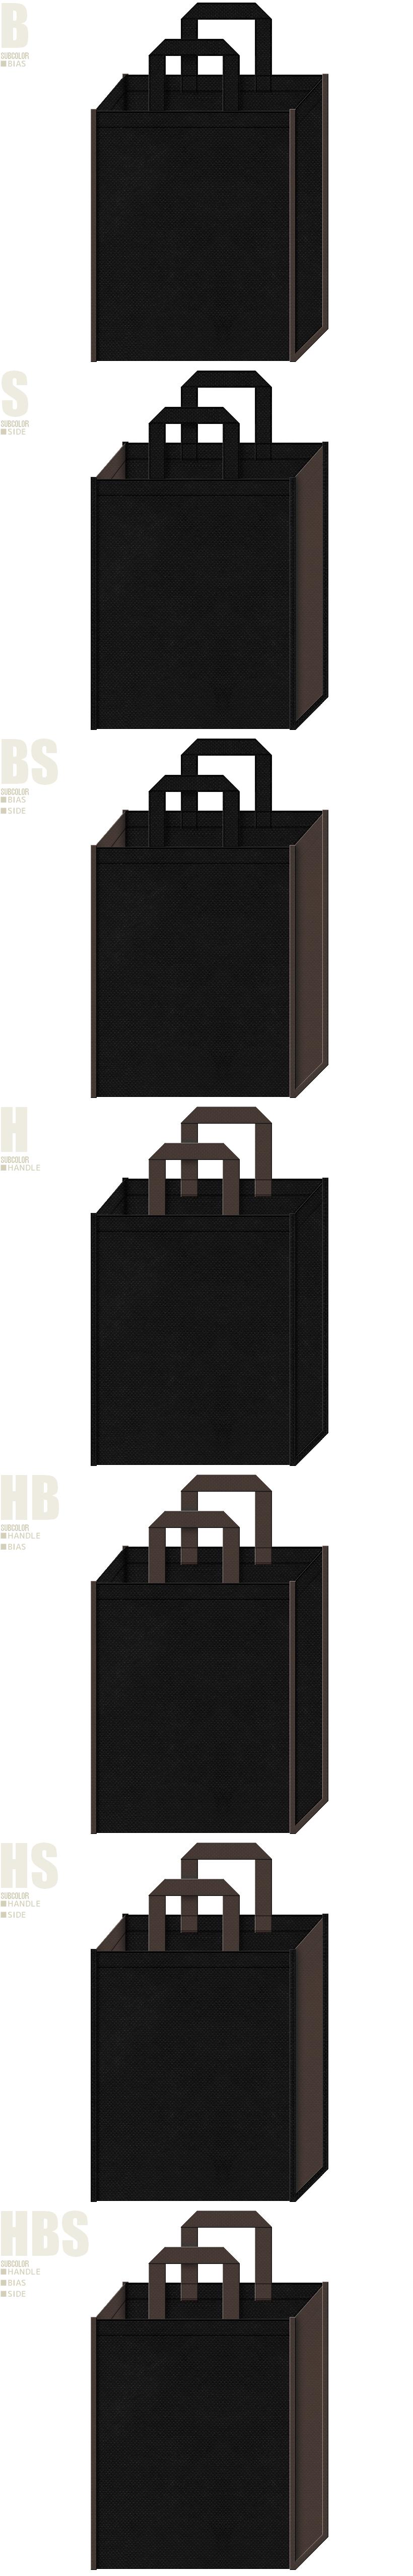 黒色とこげ茶色、7パターンの不織布トートバッグ配色デザイン例。お城イベント・ゲームのバッグノベルティにお奨めです。忍者風。